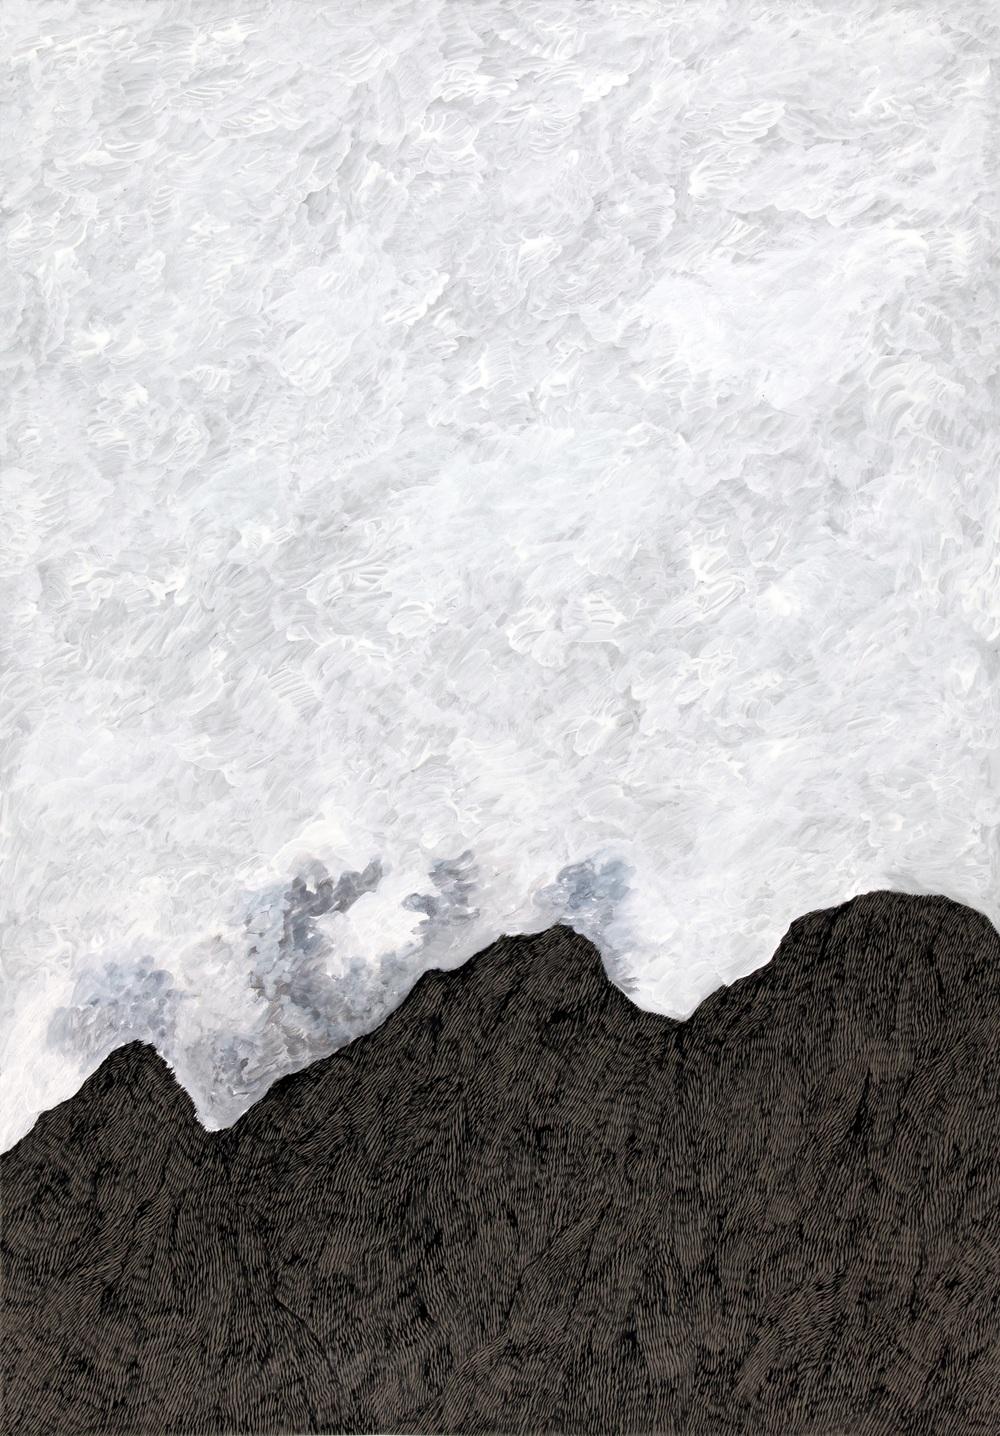 Pinceau, plume et encres sur papier  70 x 100cm   2013 (diptyque 1)